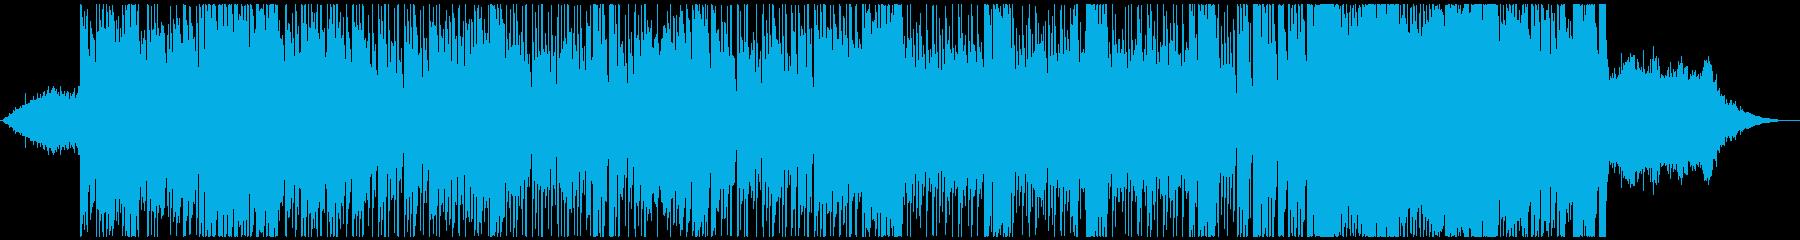 パスタロックの再生済みの波形